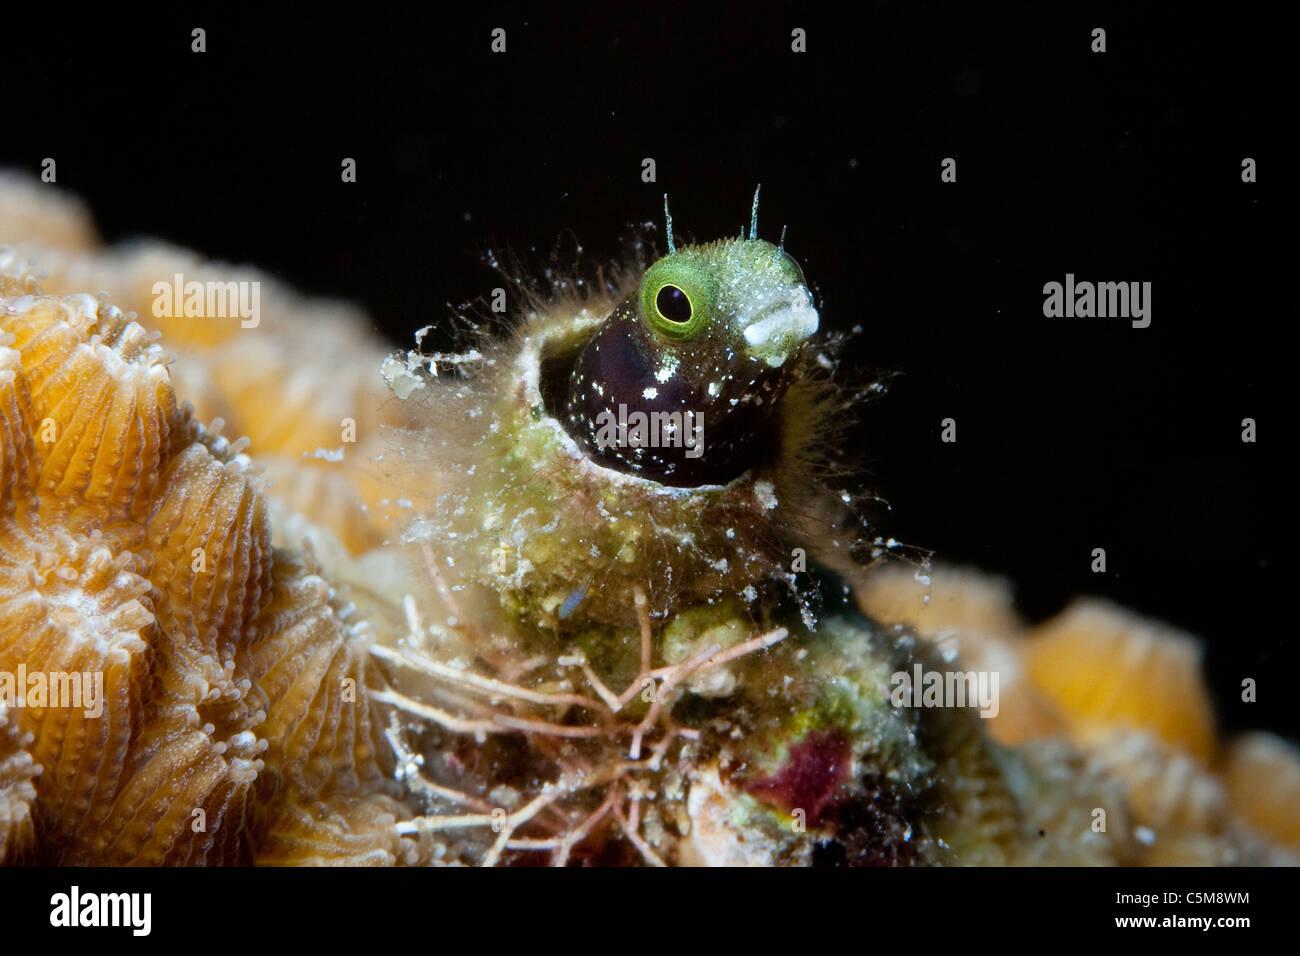 Un pez blenny spinyhead mira desde su casa tubo debajo del agua a Roatán, parte del Arrecife Mesoamericano Imagen De Stock